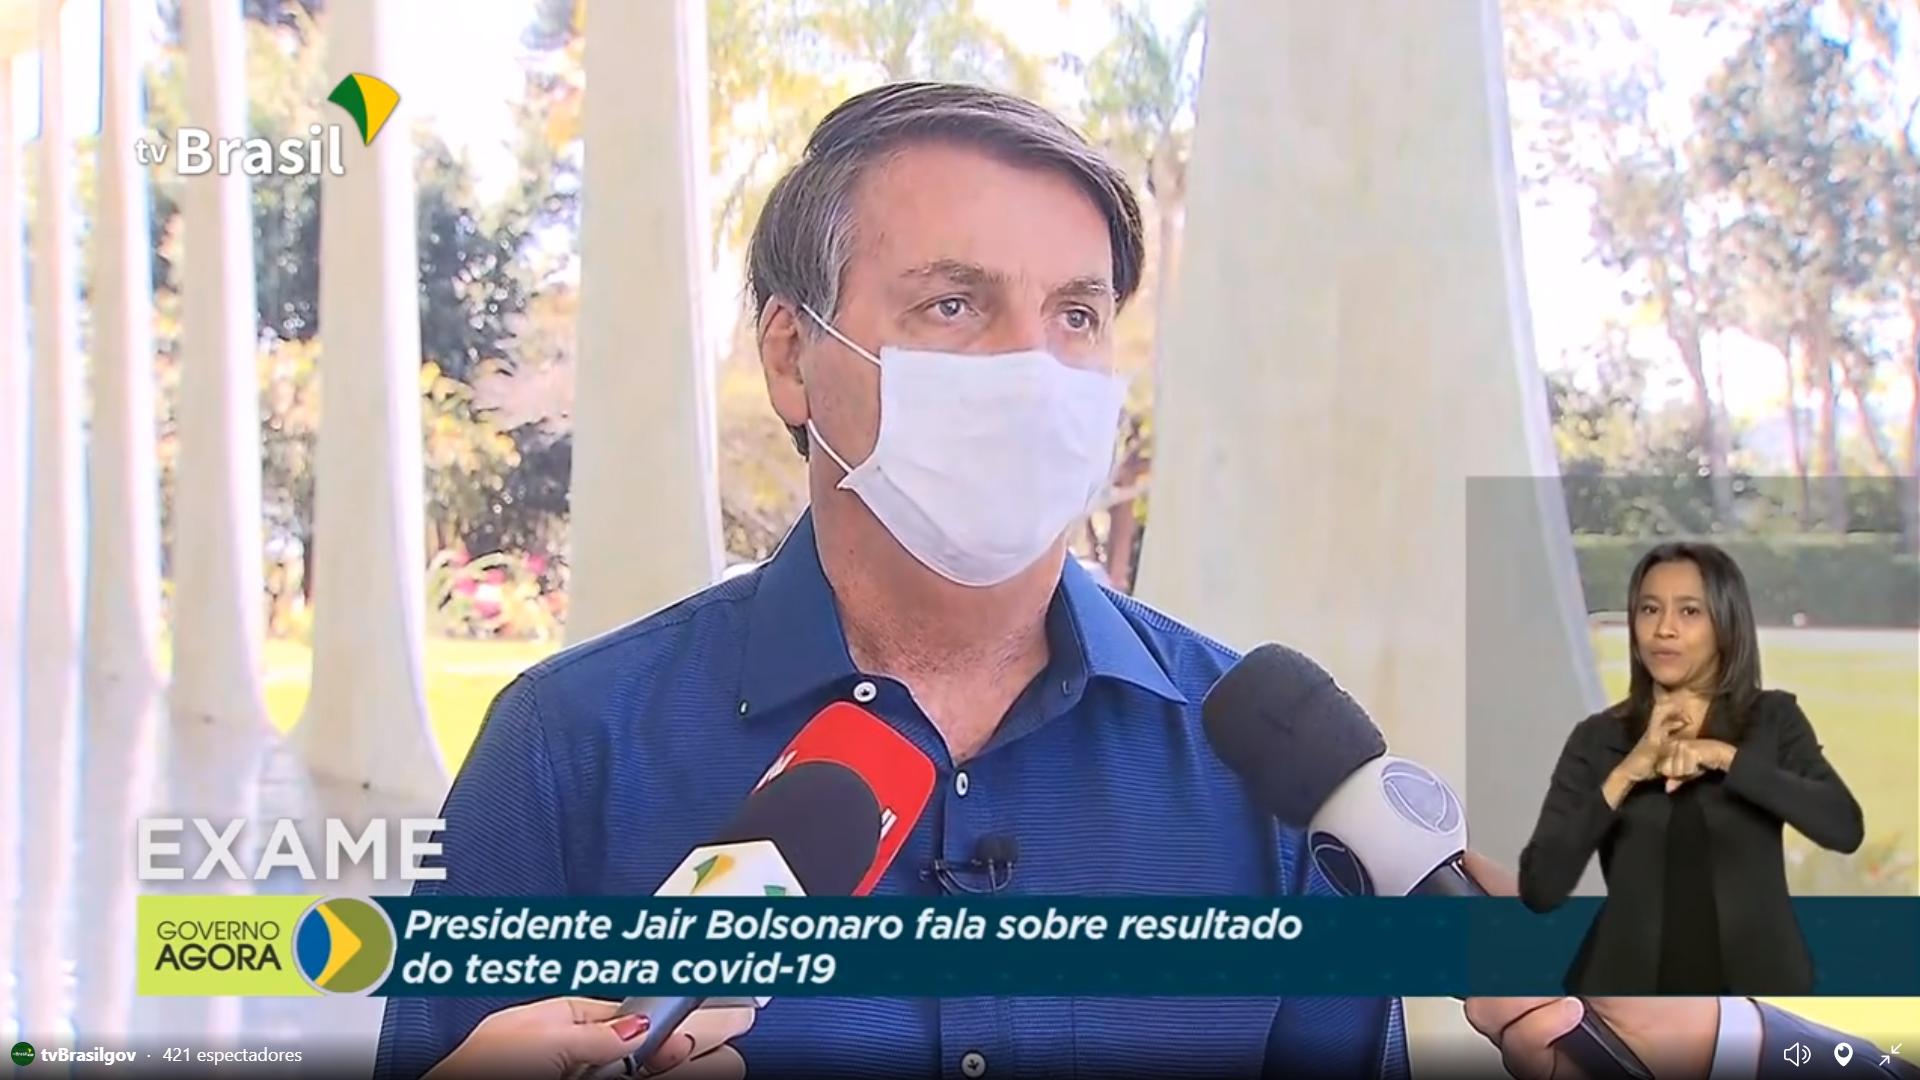 IMAGEM: Repórteres próximos demais de Bolsonaro